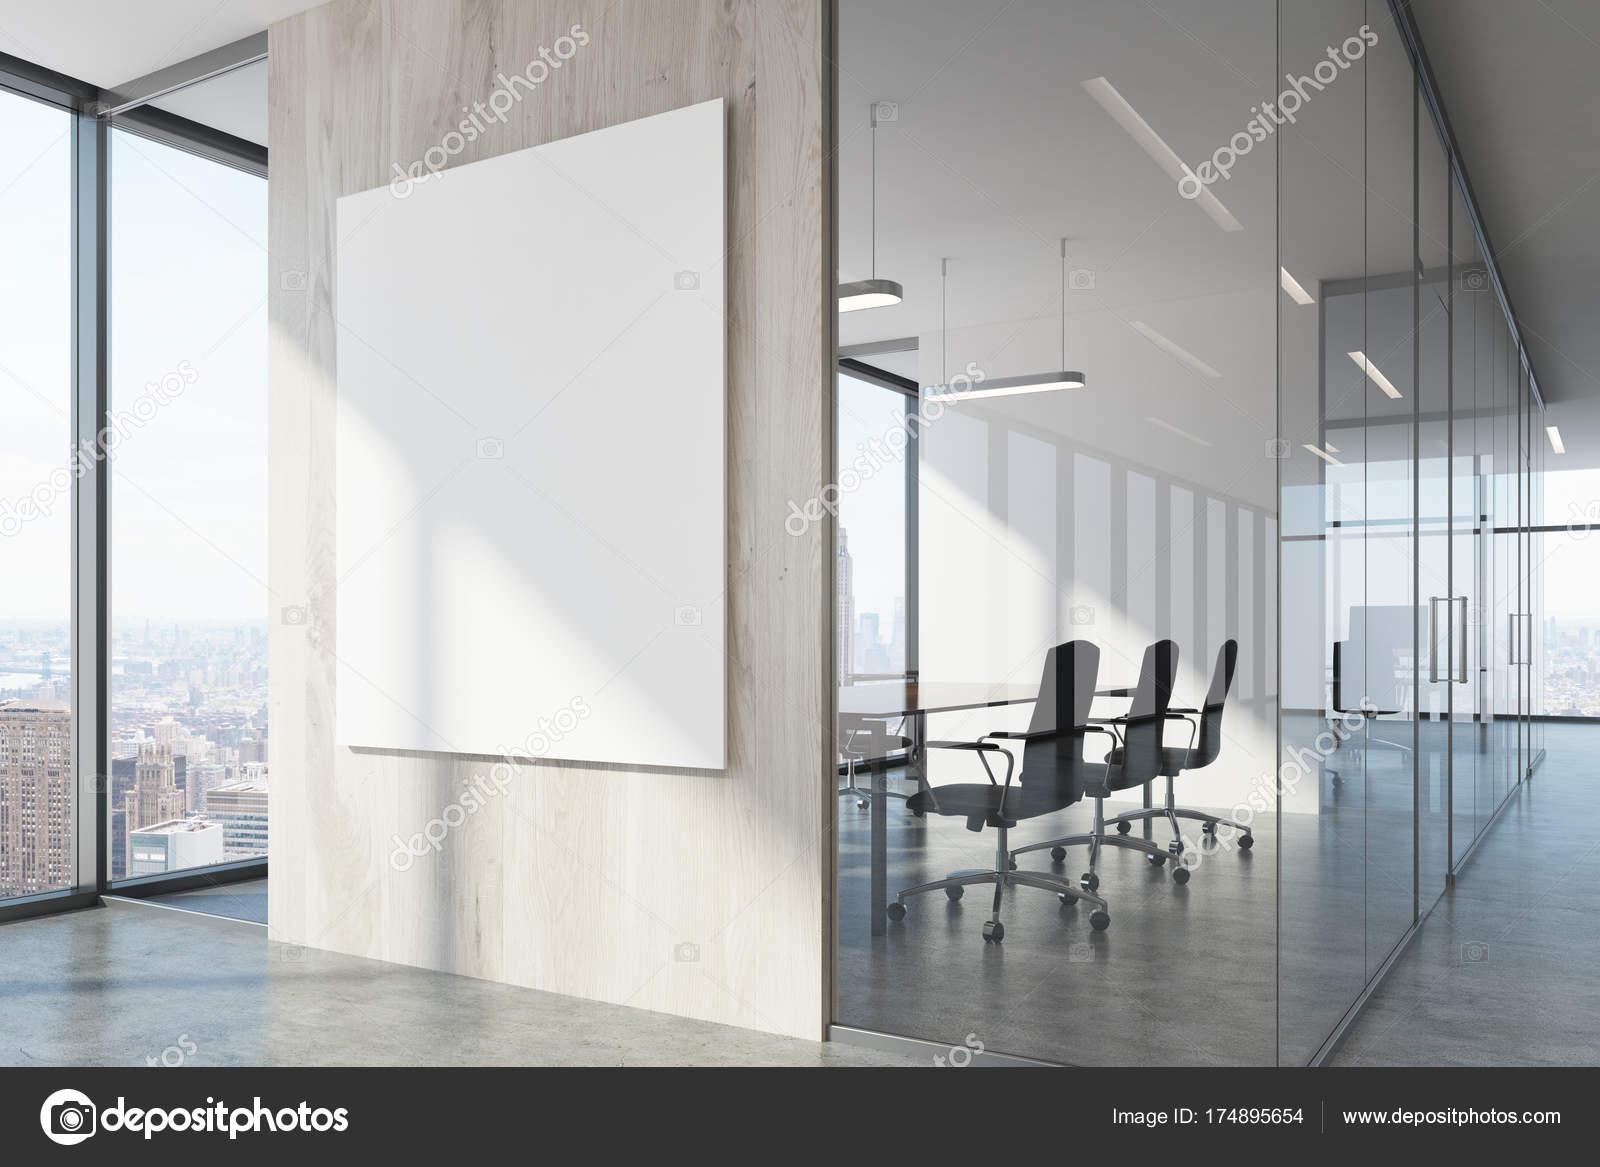 Ufficio Legno Bianco : Ufficio di legno bianco in attesa e sala conferenze u2014 foto stock